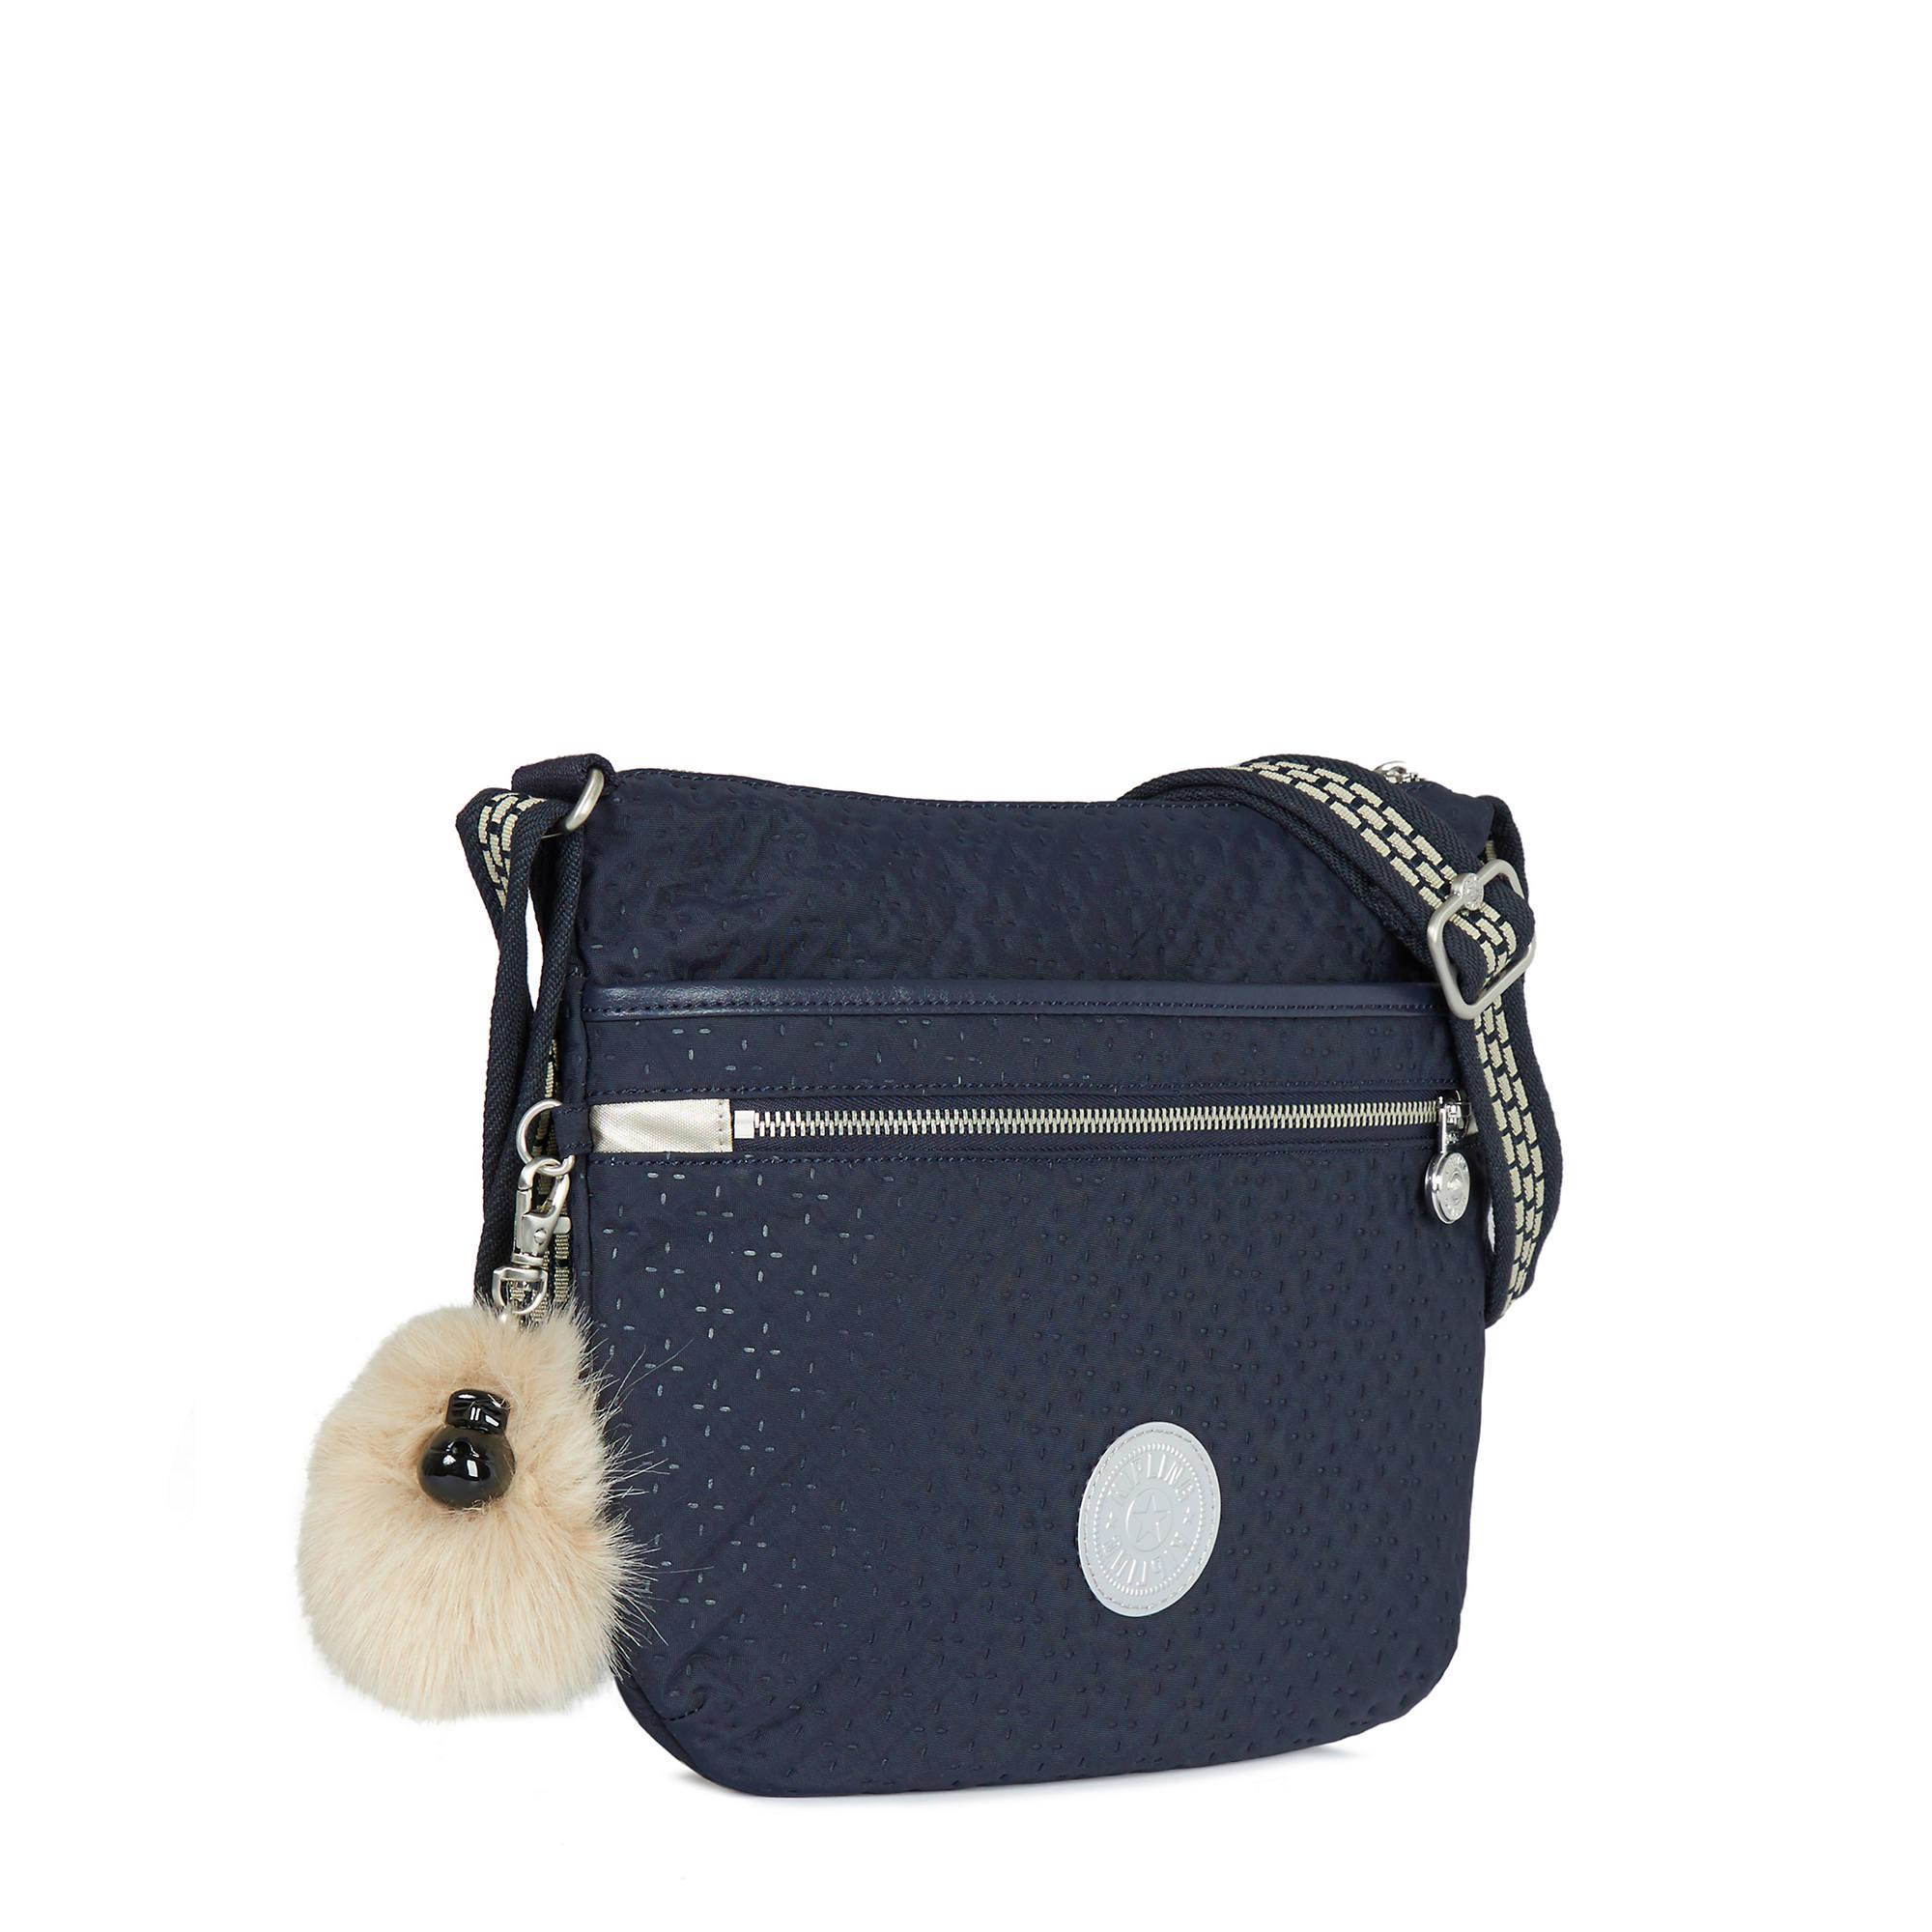 Kipling Arto Quilted Crossbody Bag